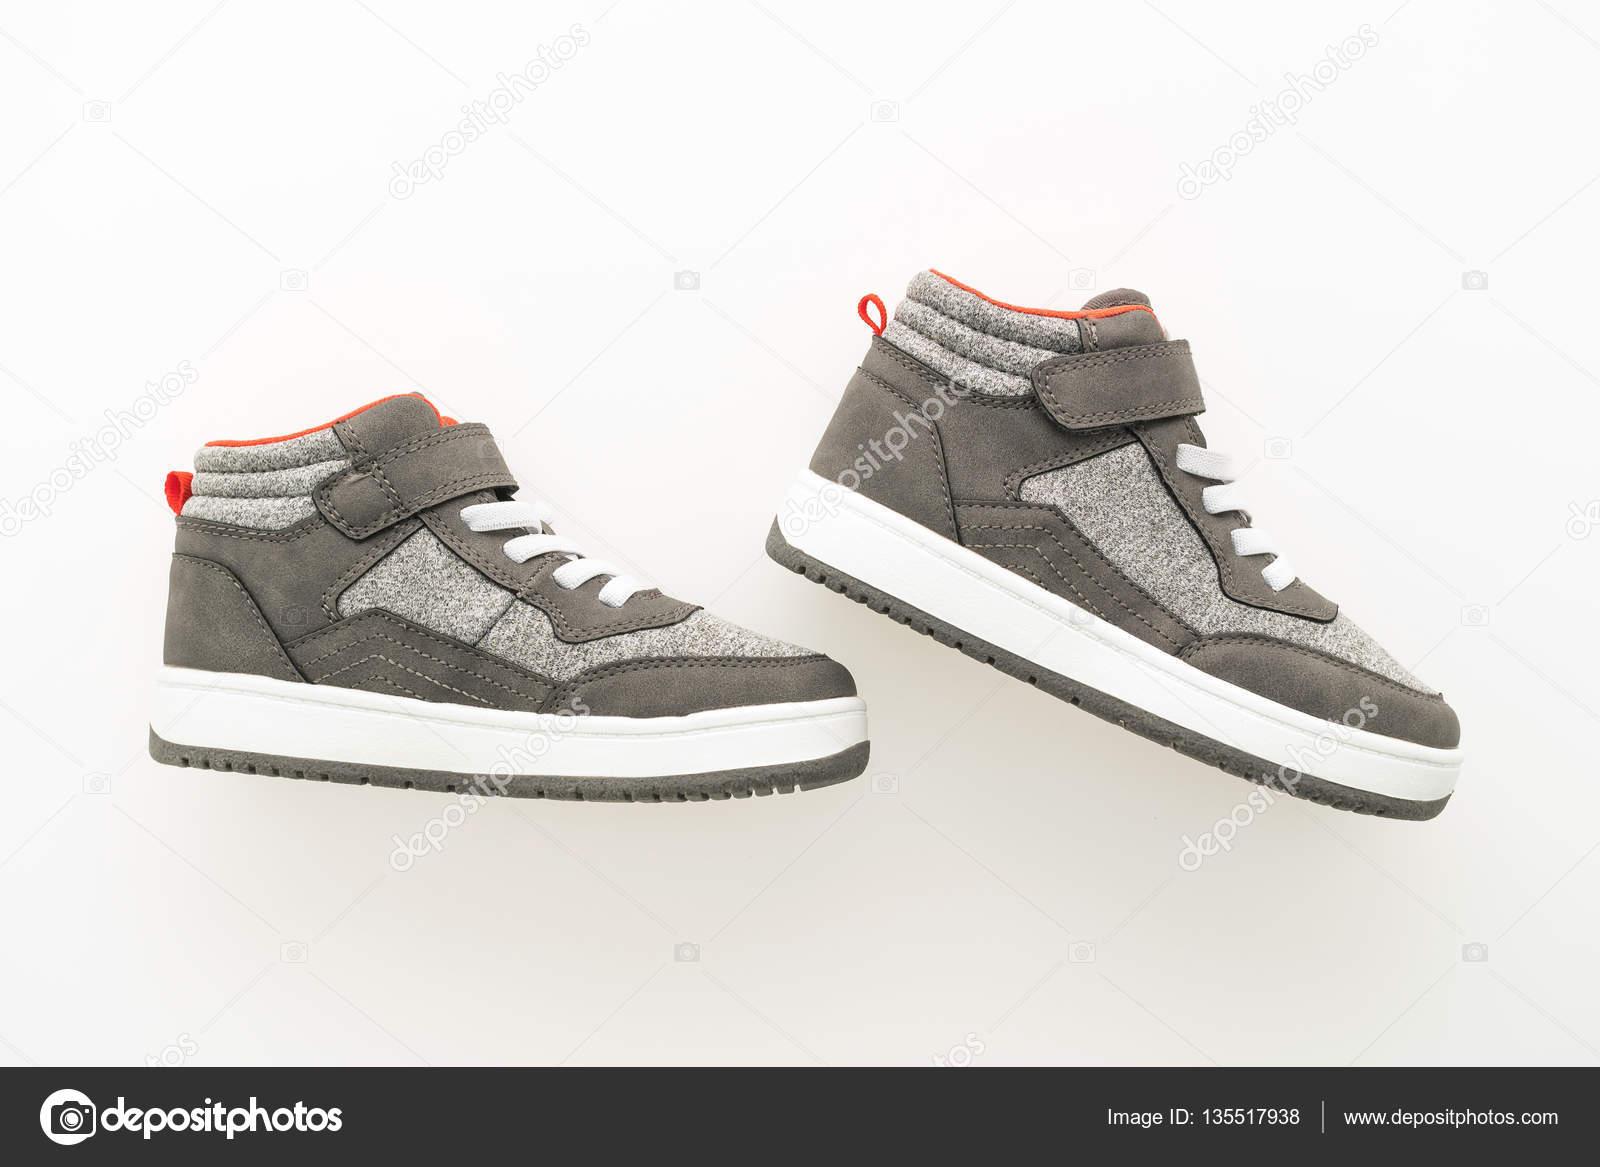 5343cfcae3a Μόδα παπούτσια και αθλητικά — Φωτογραφία Αρχείου © mrsiraphol #135517938